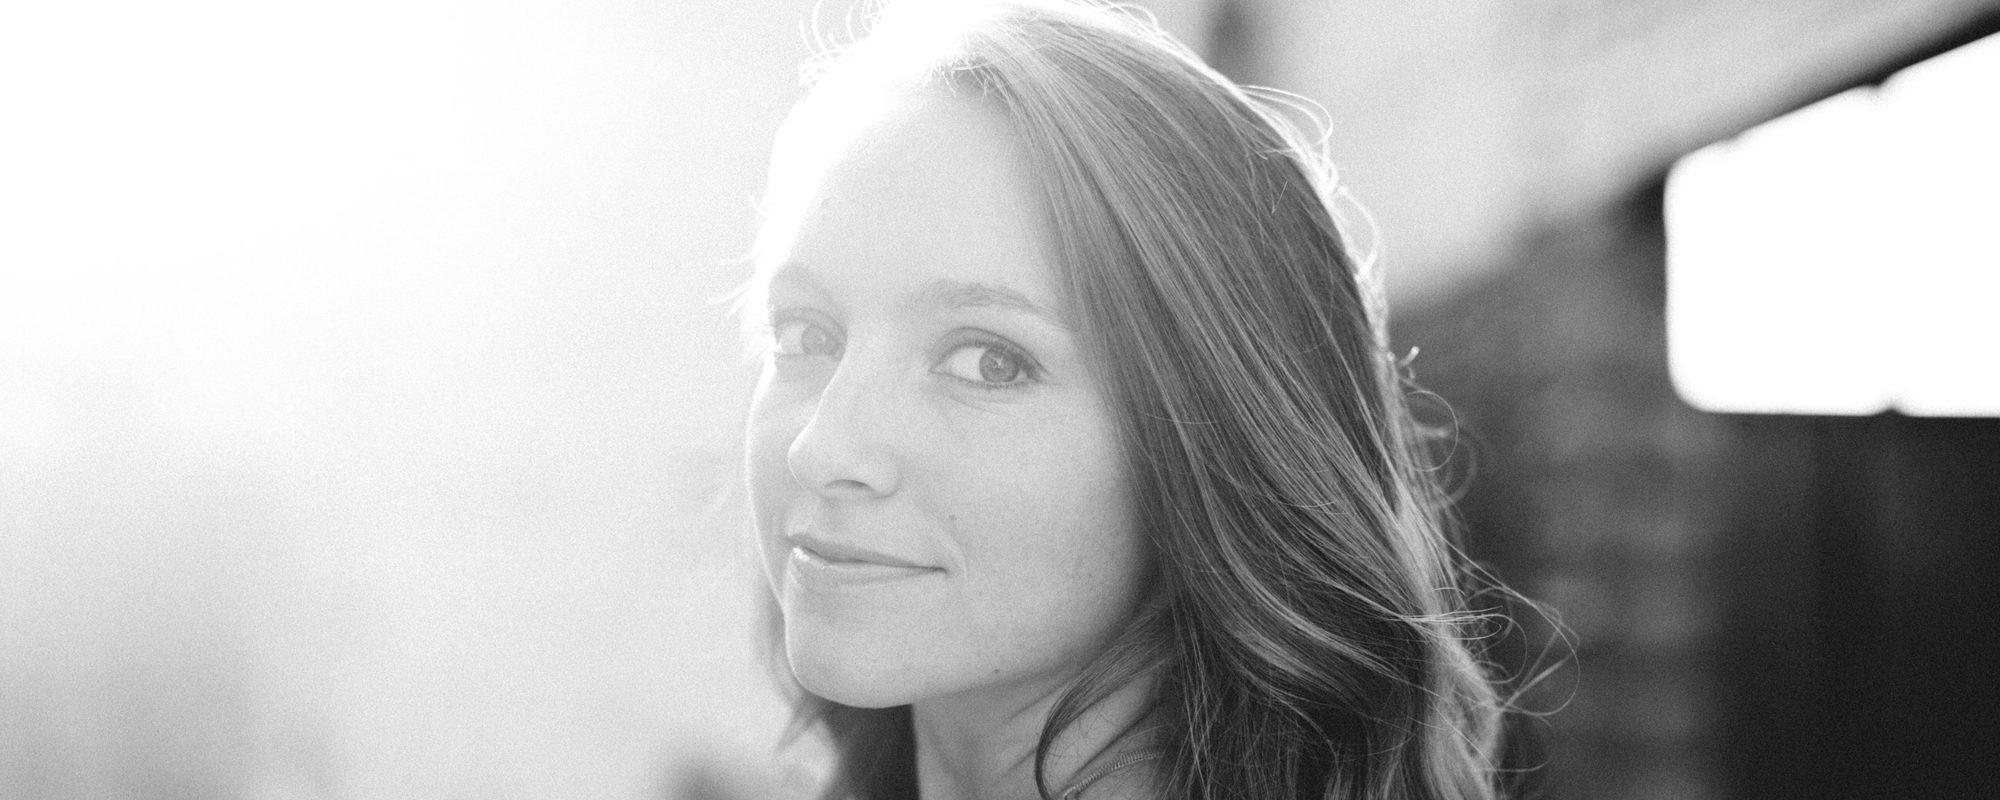 McKenna Bray - Americana Singer-Songwriter